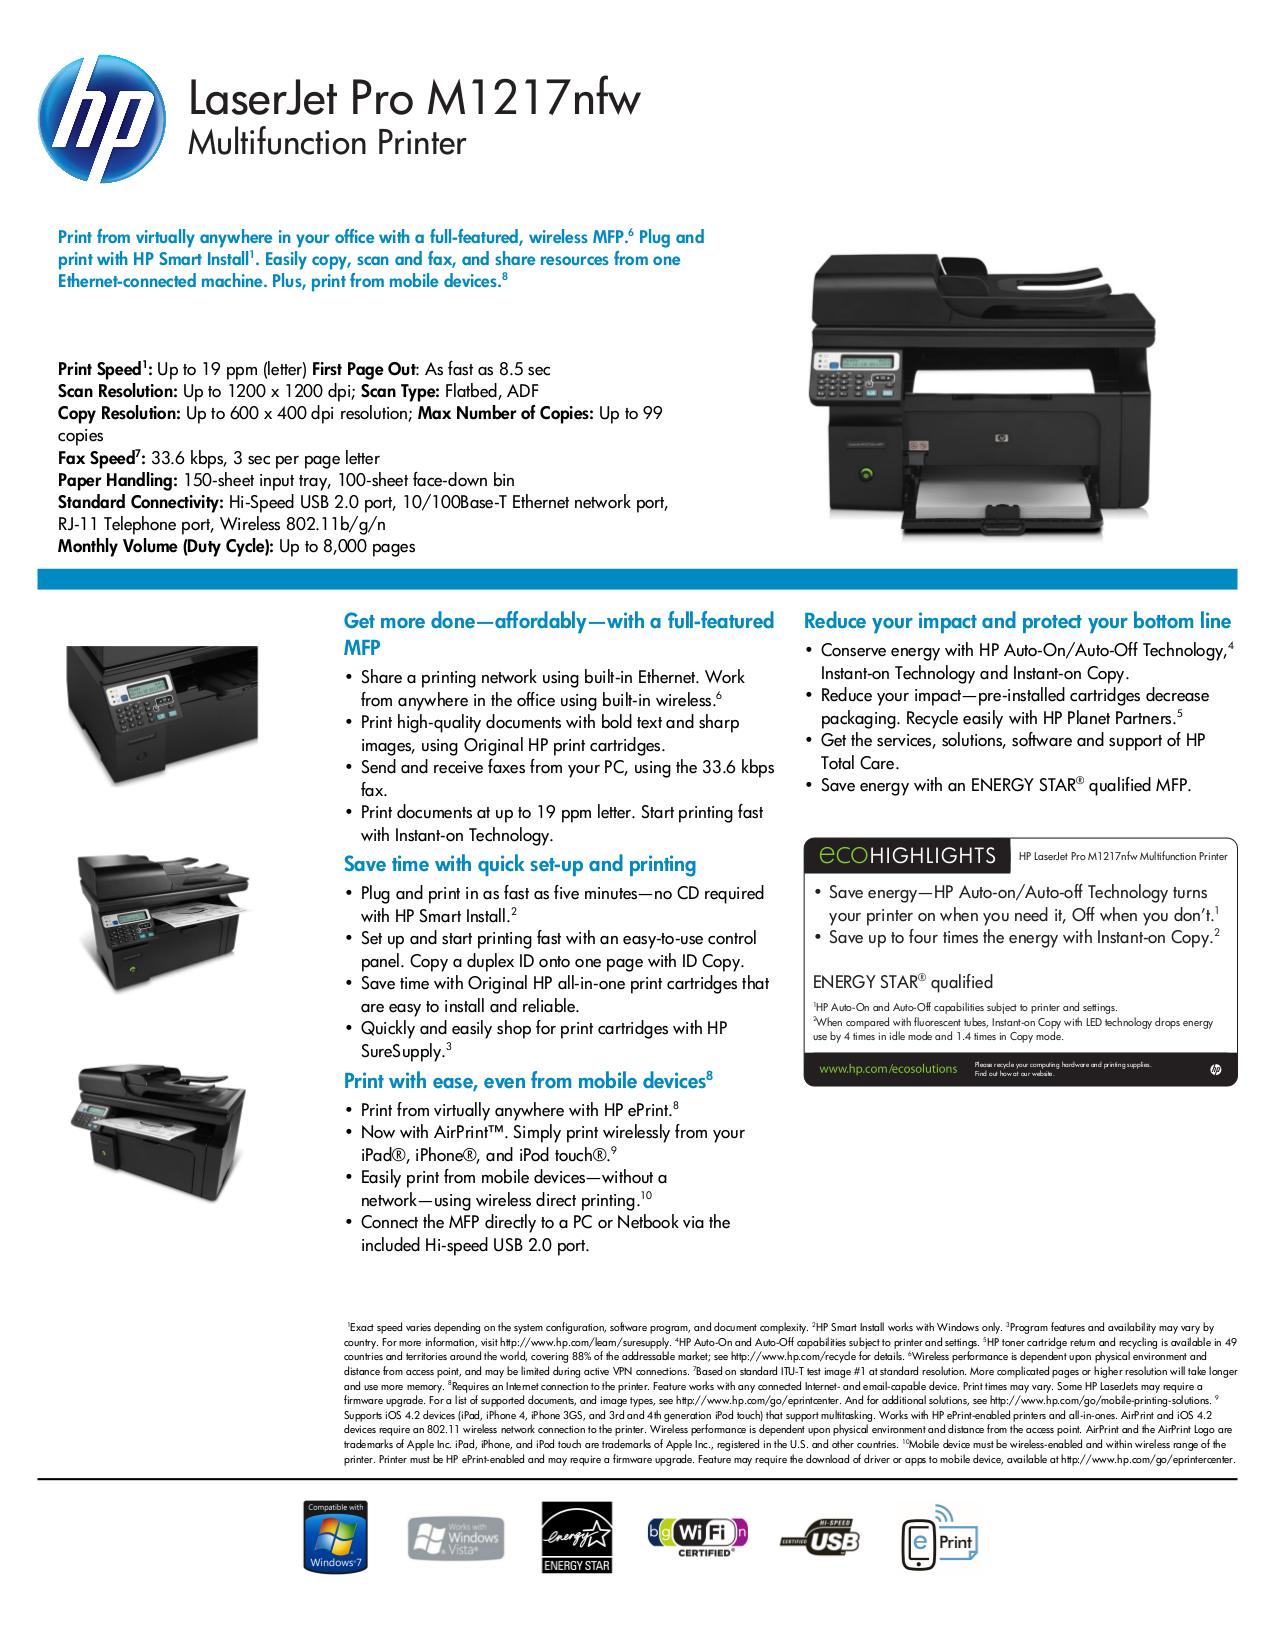 pdf for HP Multifunction Printer Laserjet,Color Laserjet M1217nfw manual